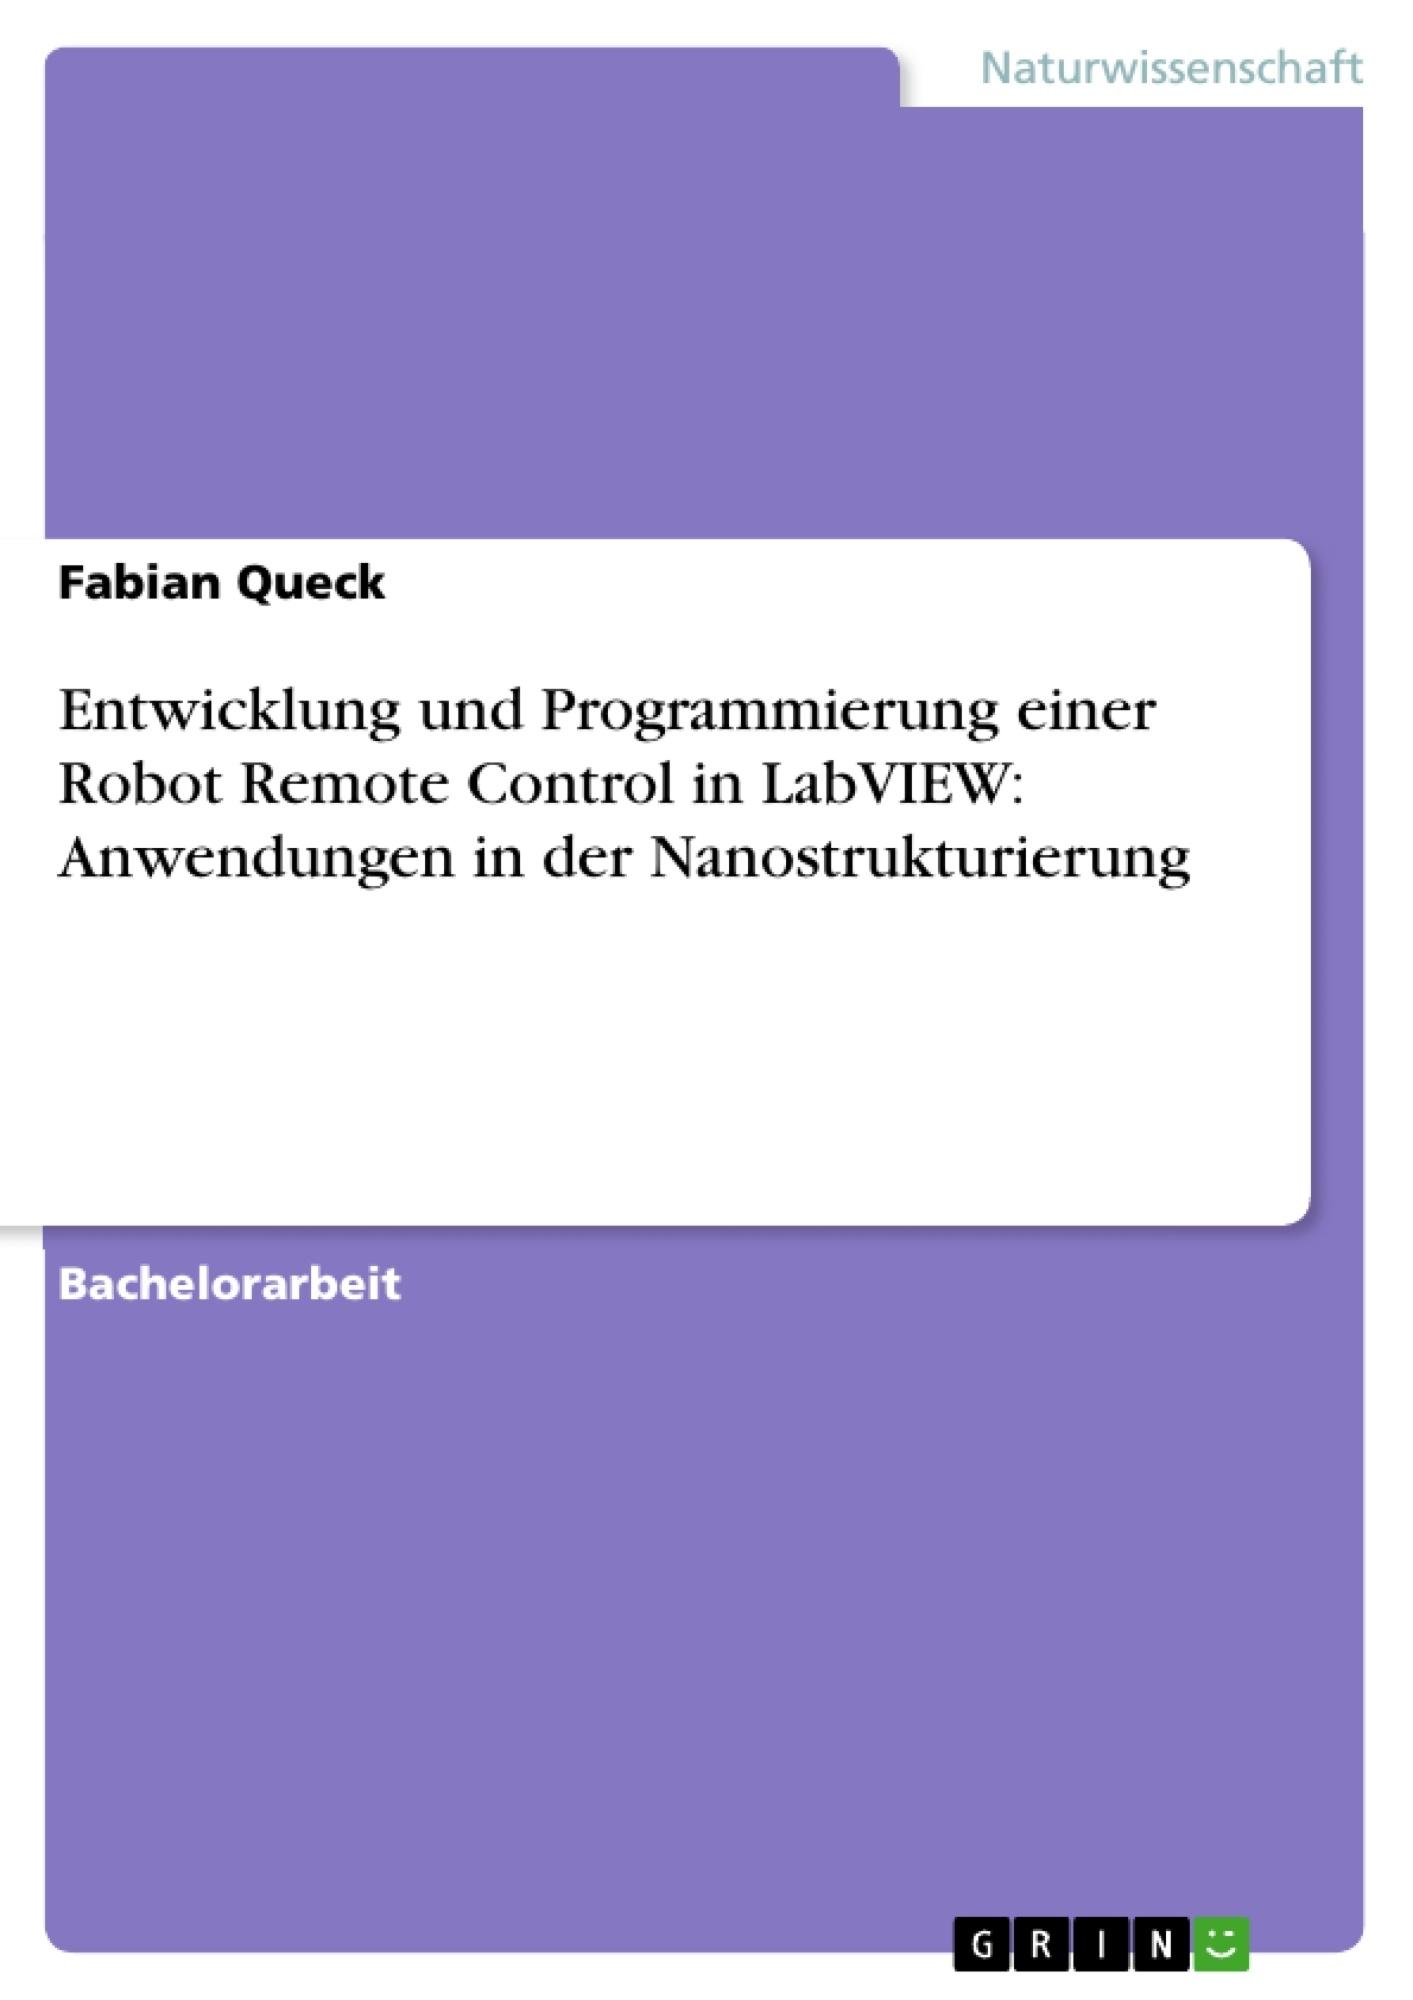 Titel: Entwicklung und Programmierung einer Robot Remote Control in LabVIEW: Anwendungen in der Nanostrukturierung